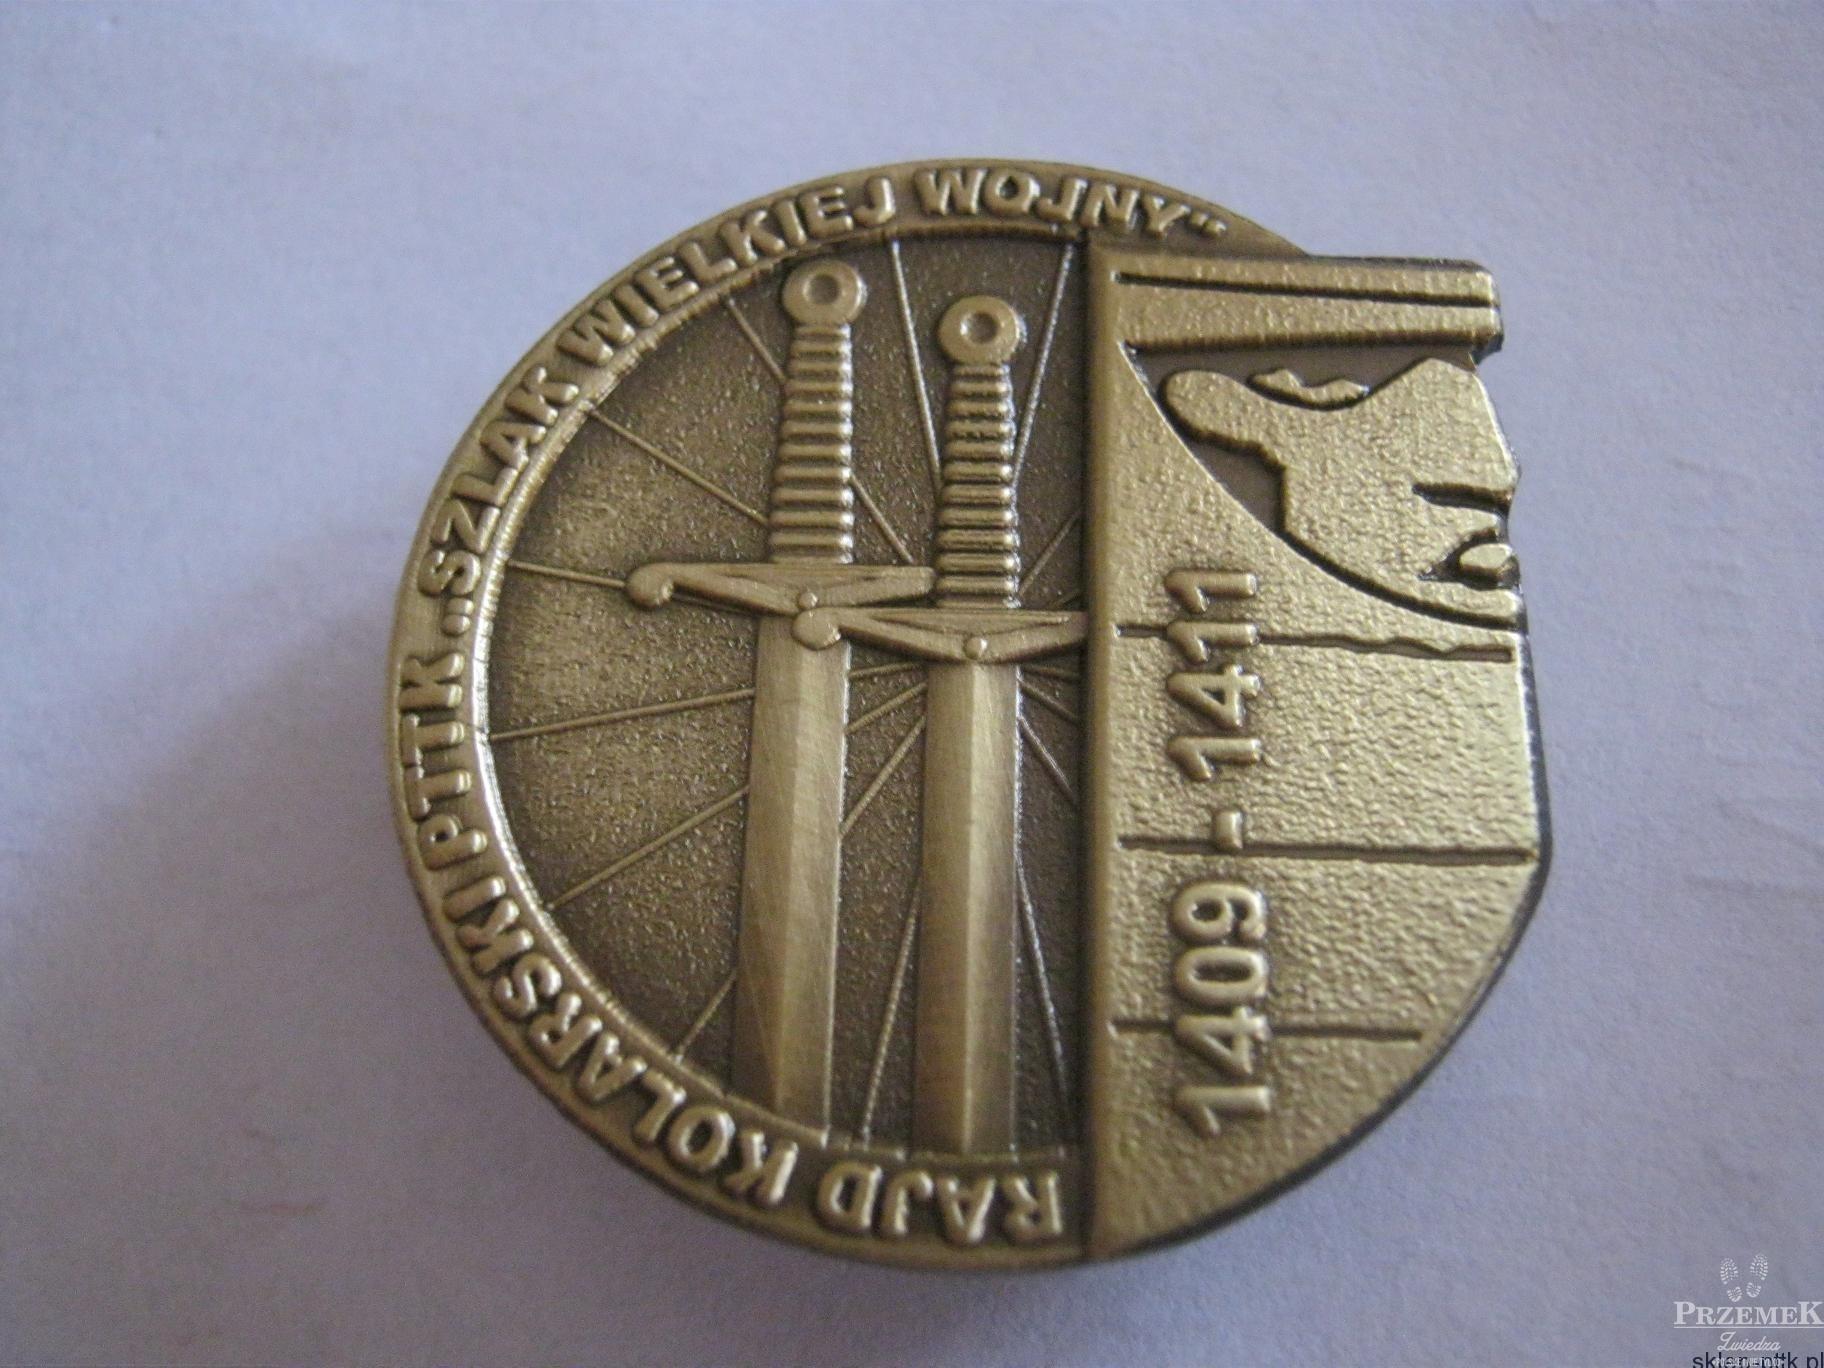 Odznaka Szlak Wielkiej Wojny 1409-1411 - odznaki PTTK dla rowerzystów